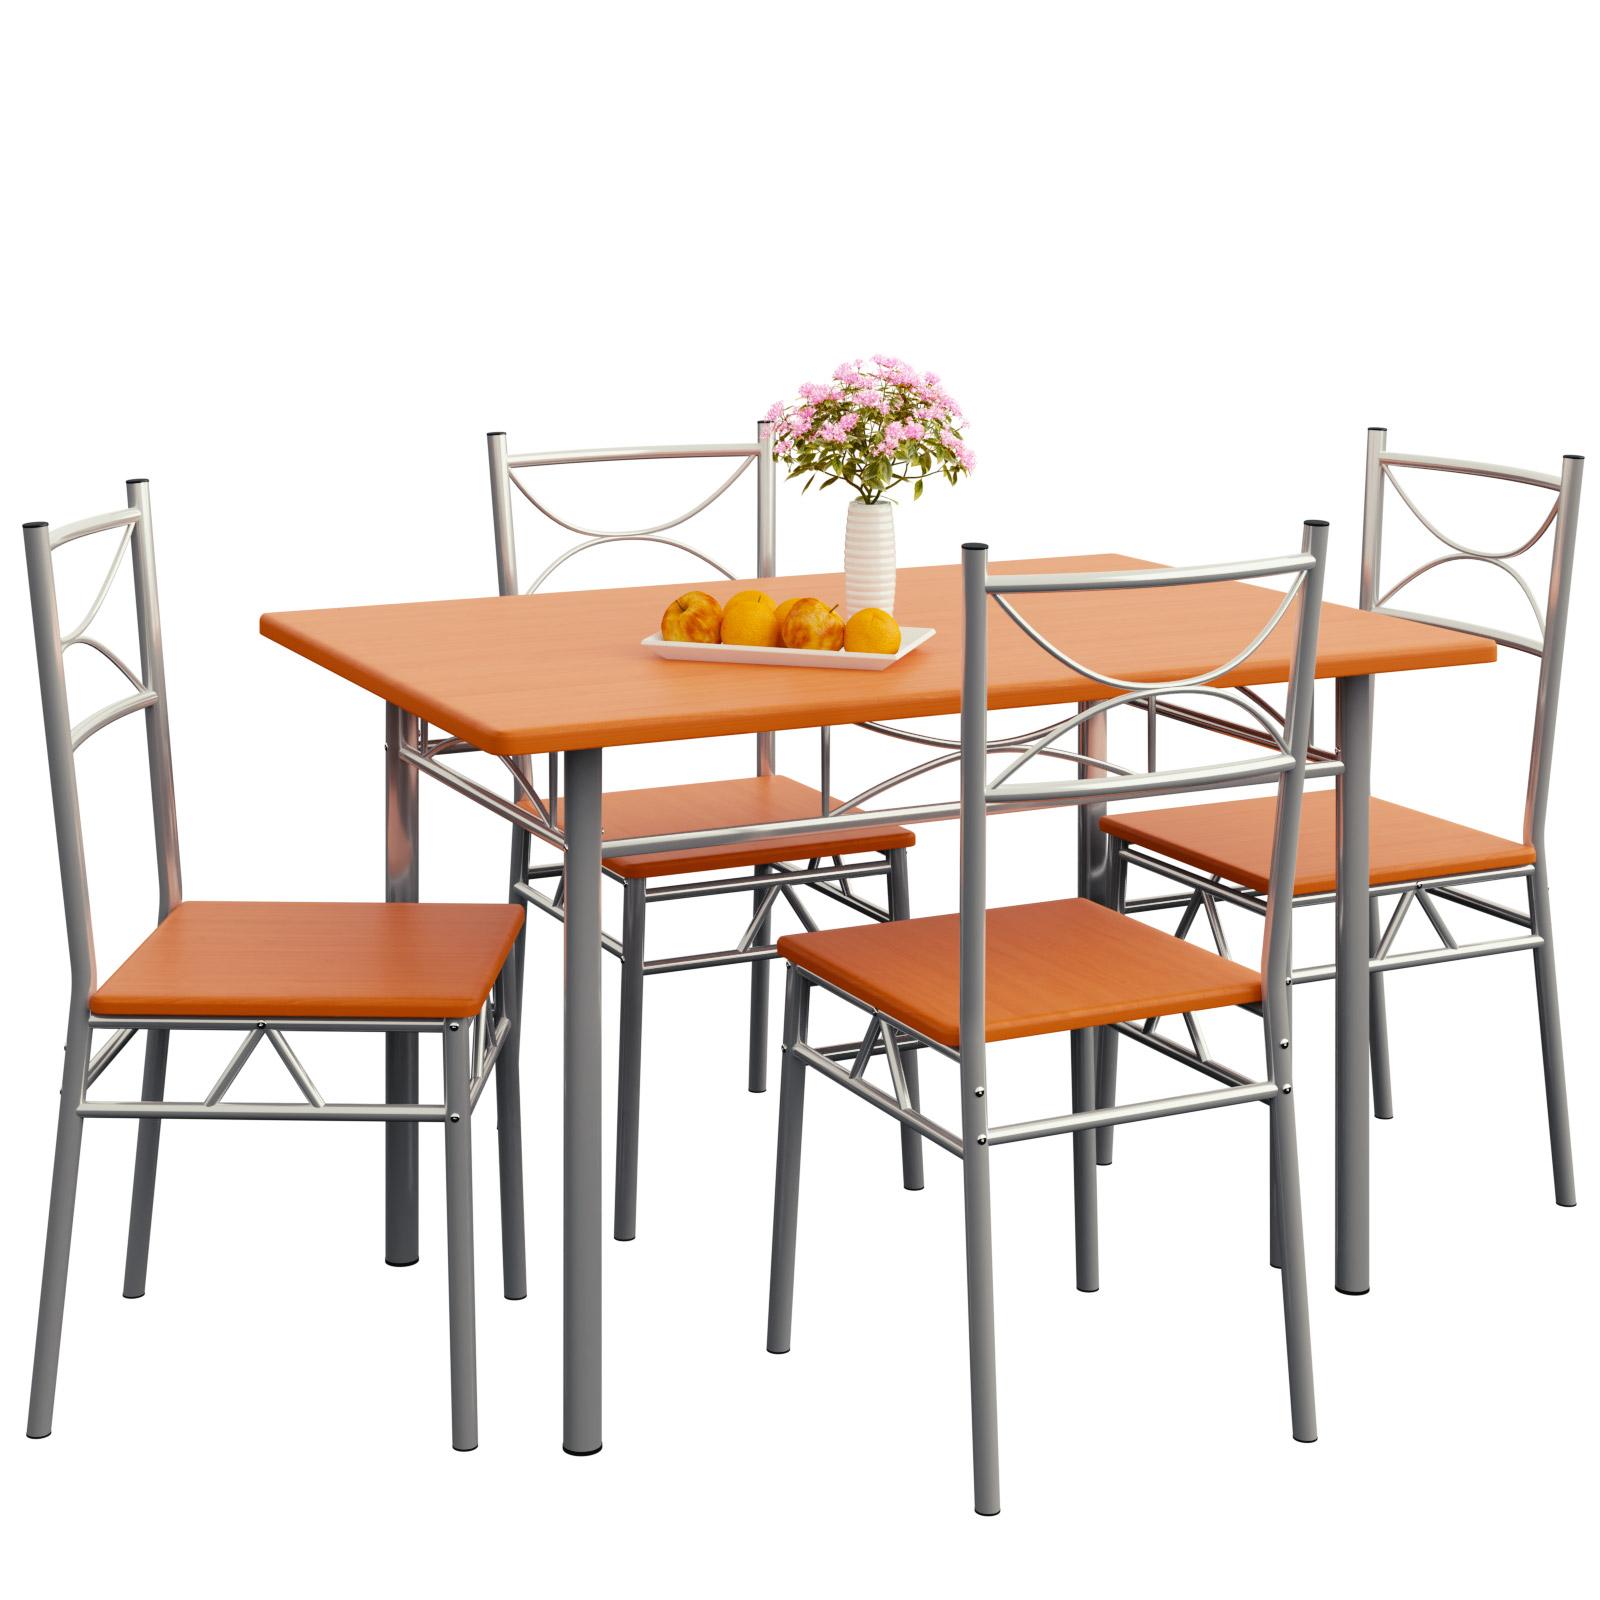 Essgruppe Esstisch Küchentisch Mit 4 Stühlen Sitzgruppe